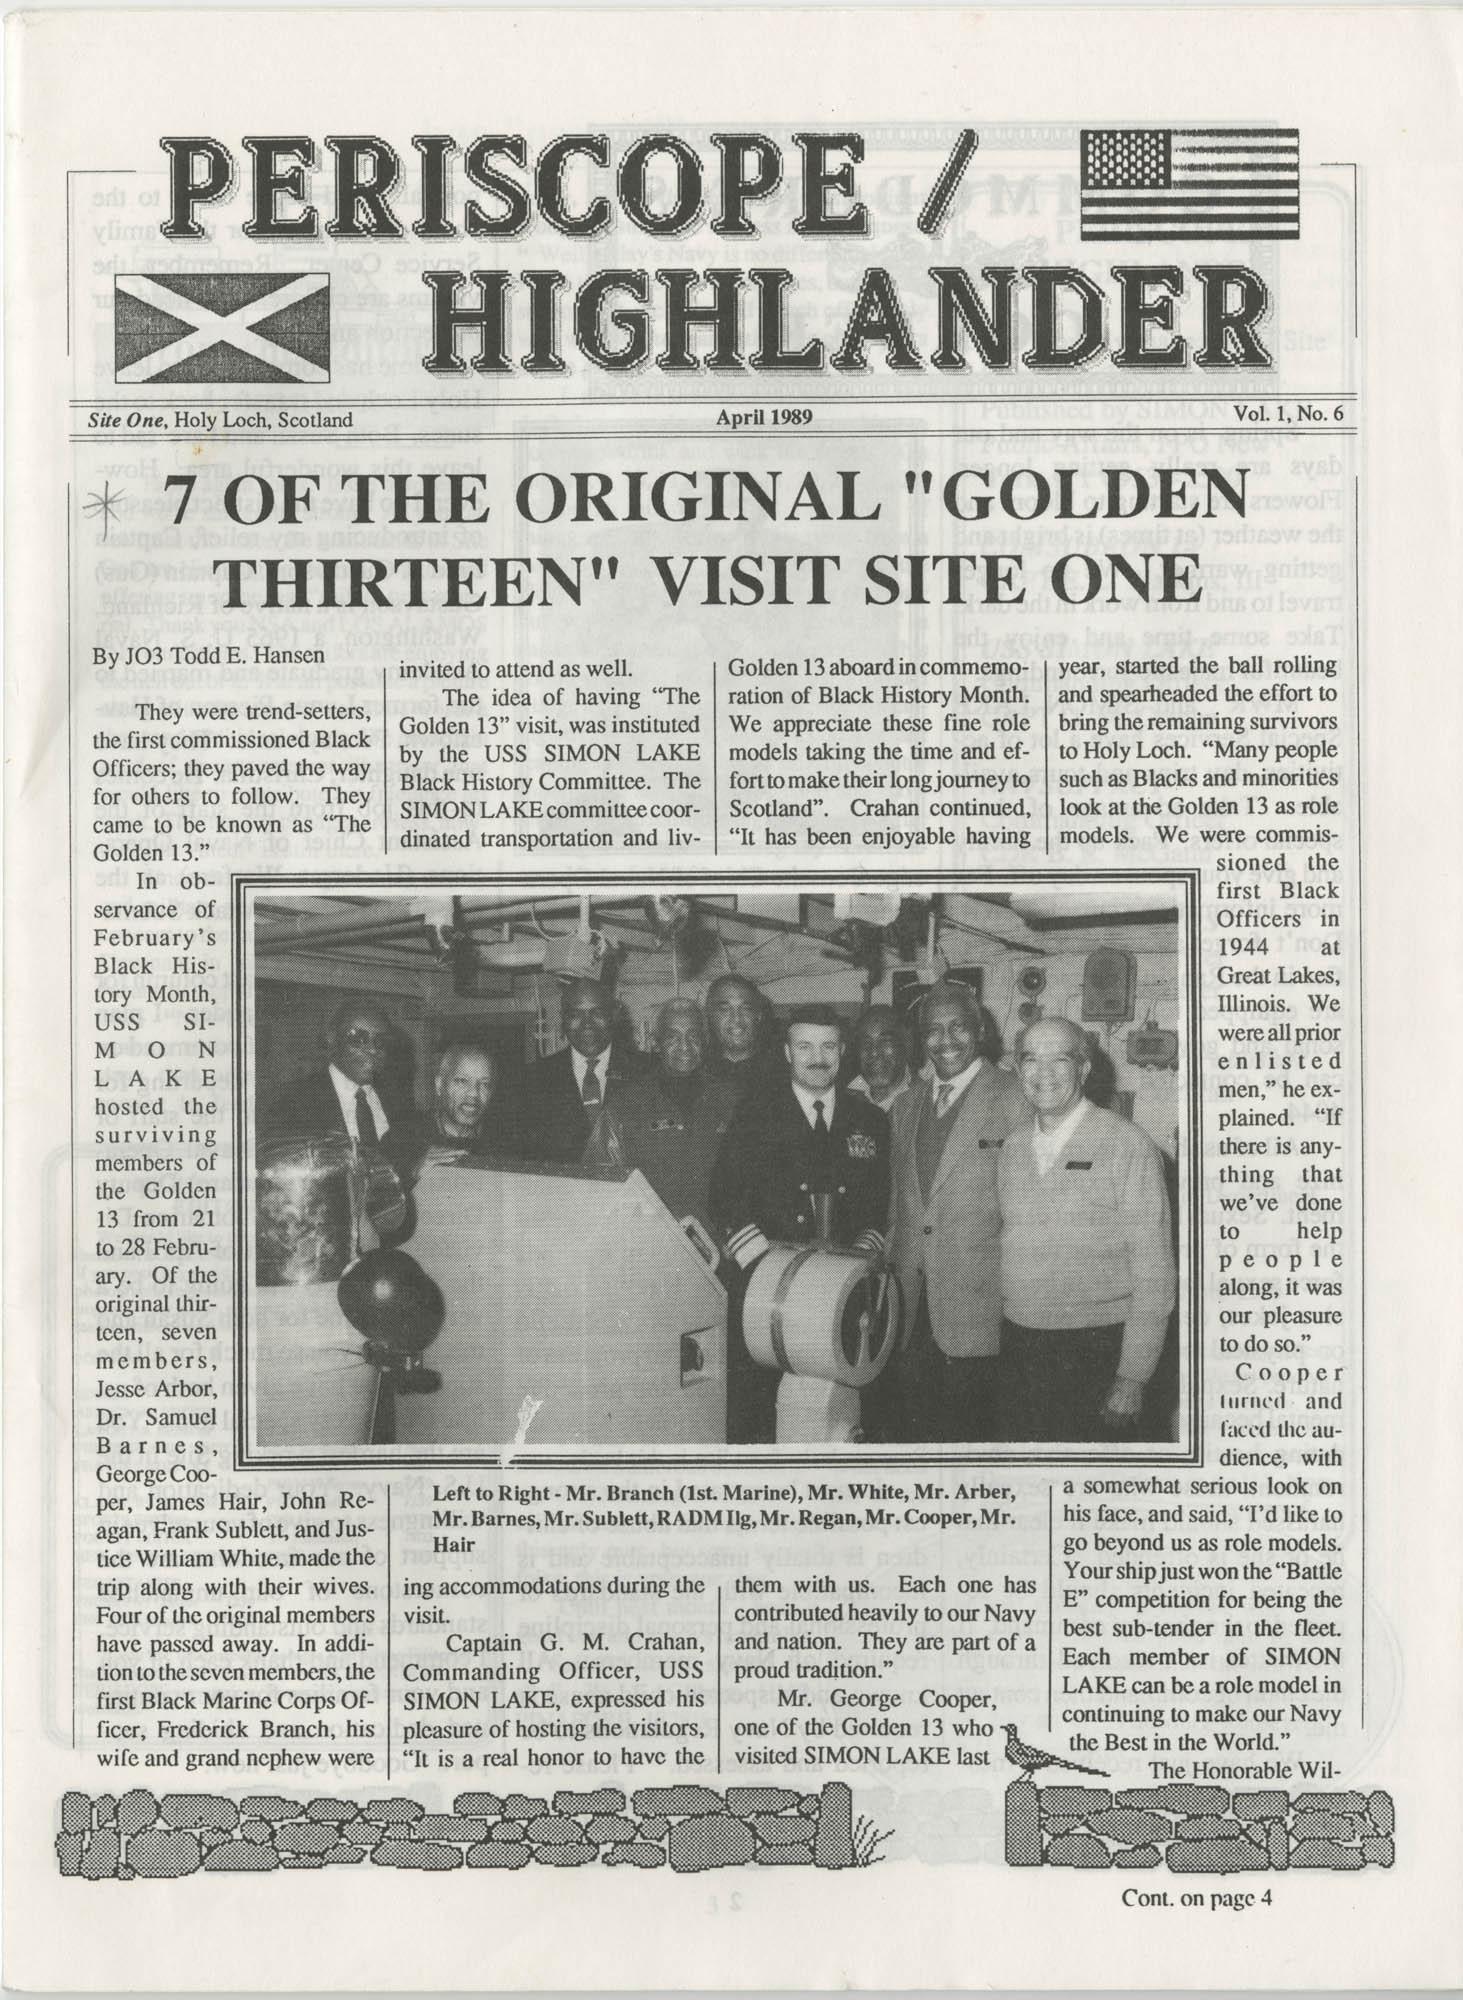 Periscope/Highlander, Vol. 1 No. 6, April 1989, Page 1